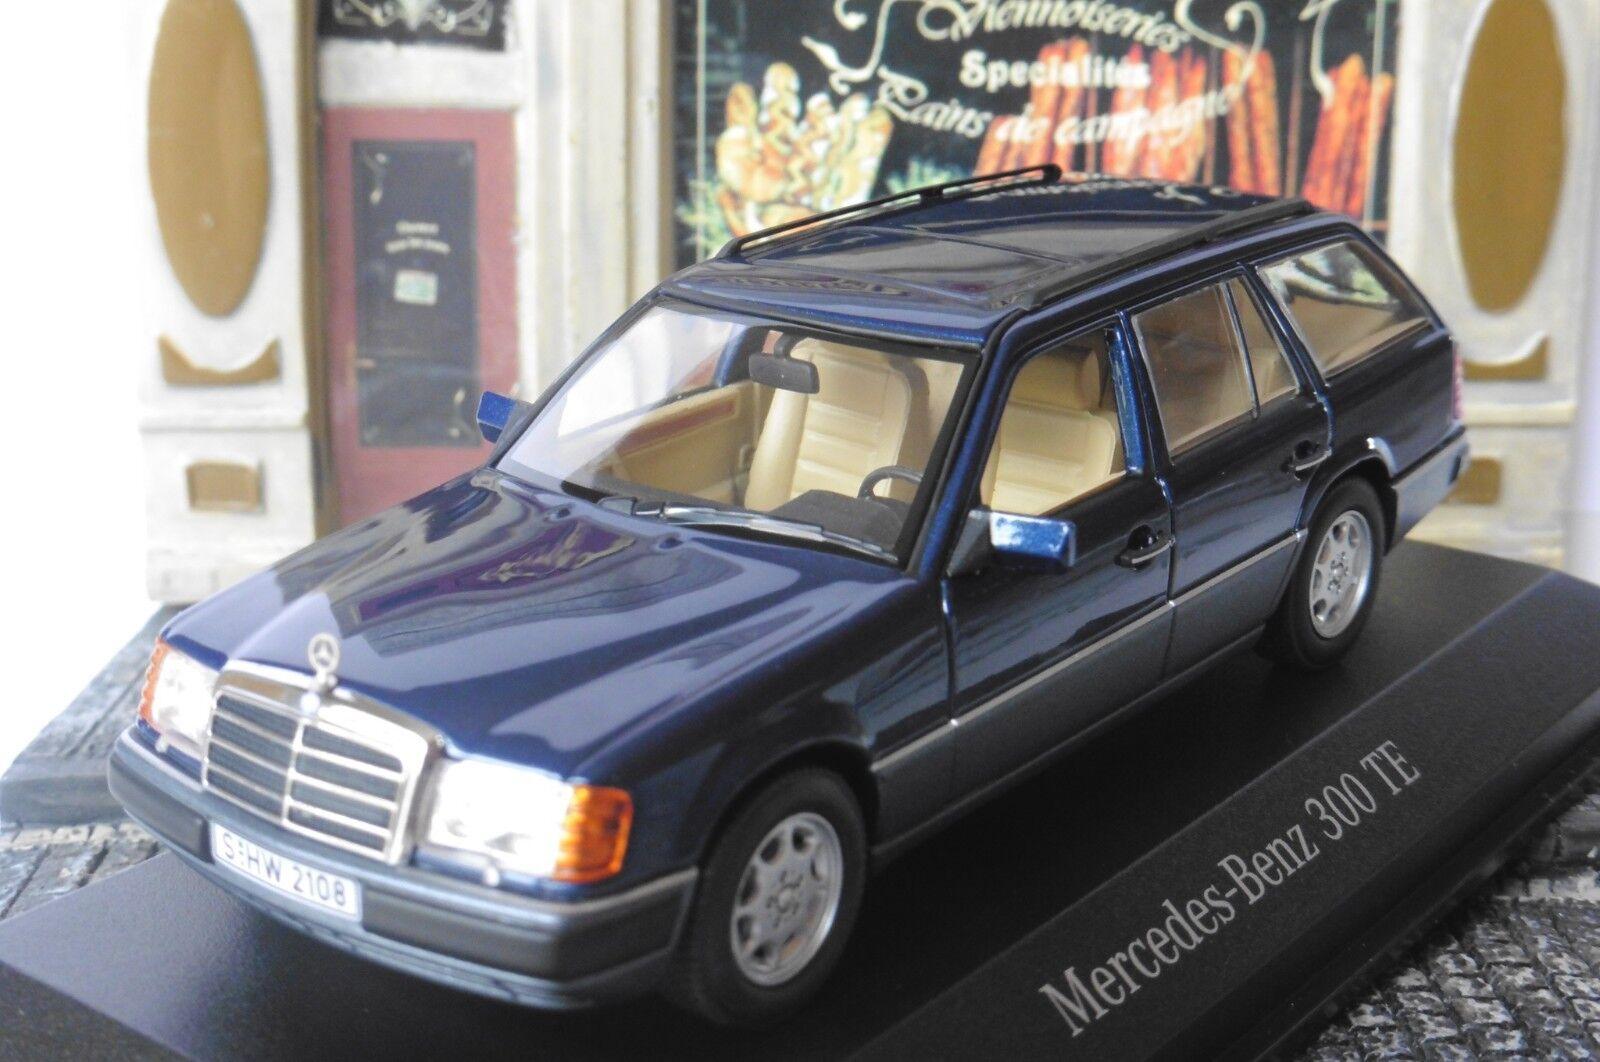 MERCEDES 300 TE BREAK NAUTIC bleu S124 1990 MINICHAMPS MINICHAMPS MINICHAMPS B66041029 1 43 SW bleu 693a56